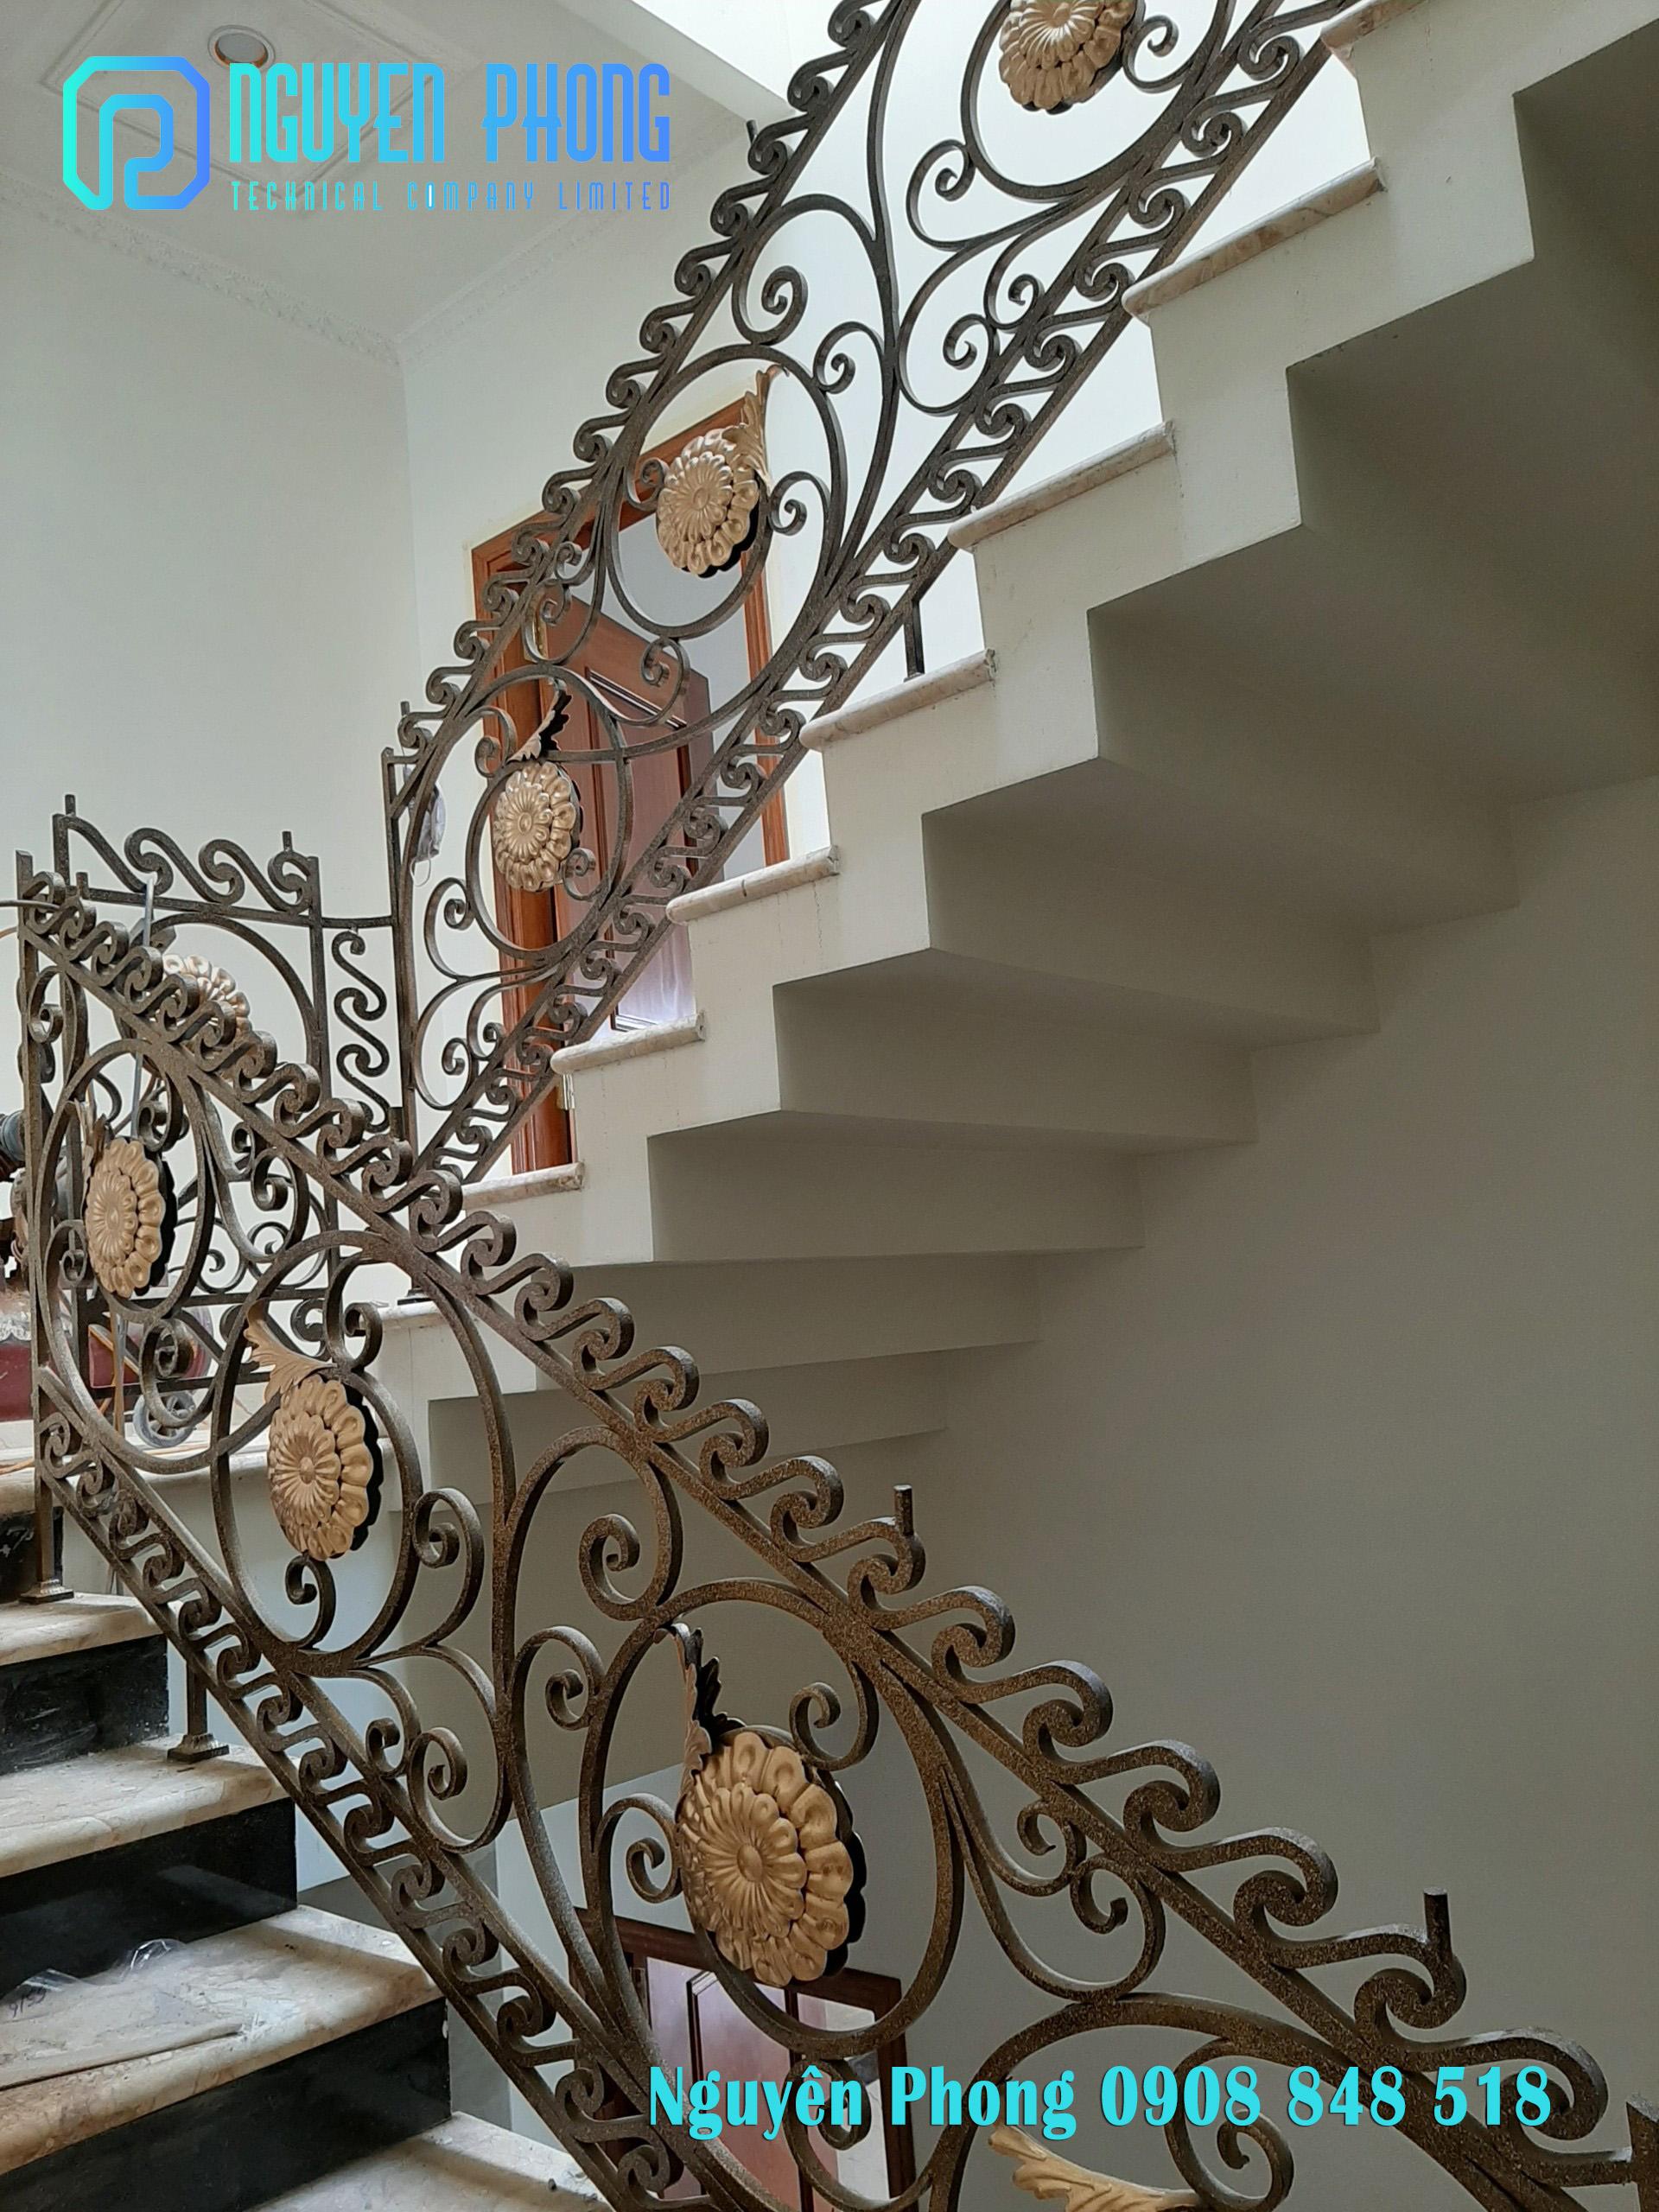 Cầu thang sắt hoa văn cổ điển cho biệt thự, nhà phố 2020